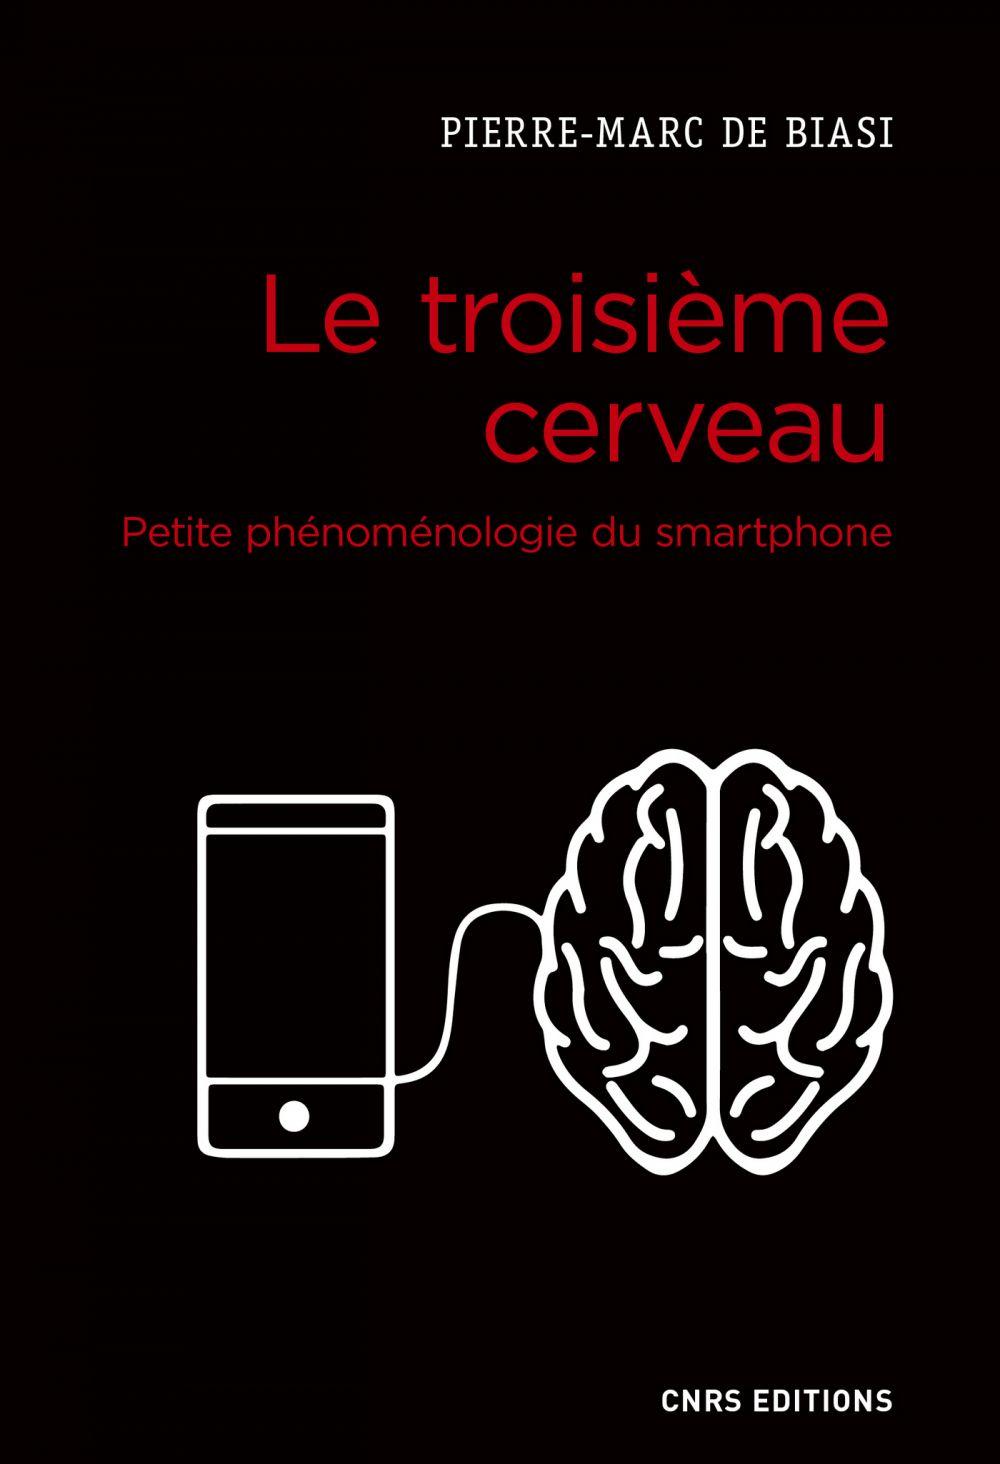 Le troisième cerveau. Petite phénoménologie du smartphone   Biasi, Pierre-Marc de (1950-....). Auteur